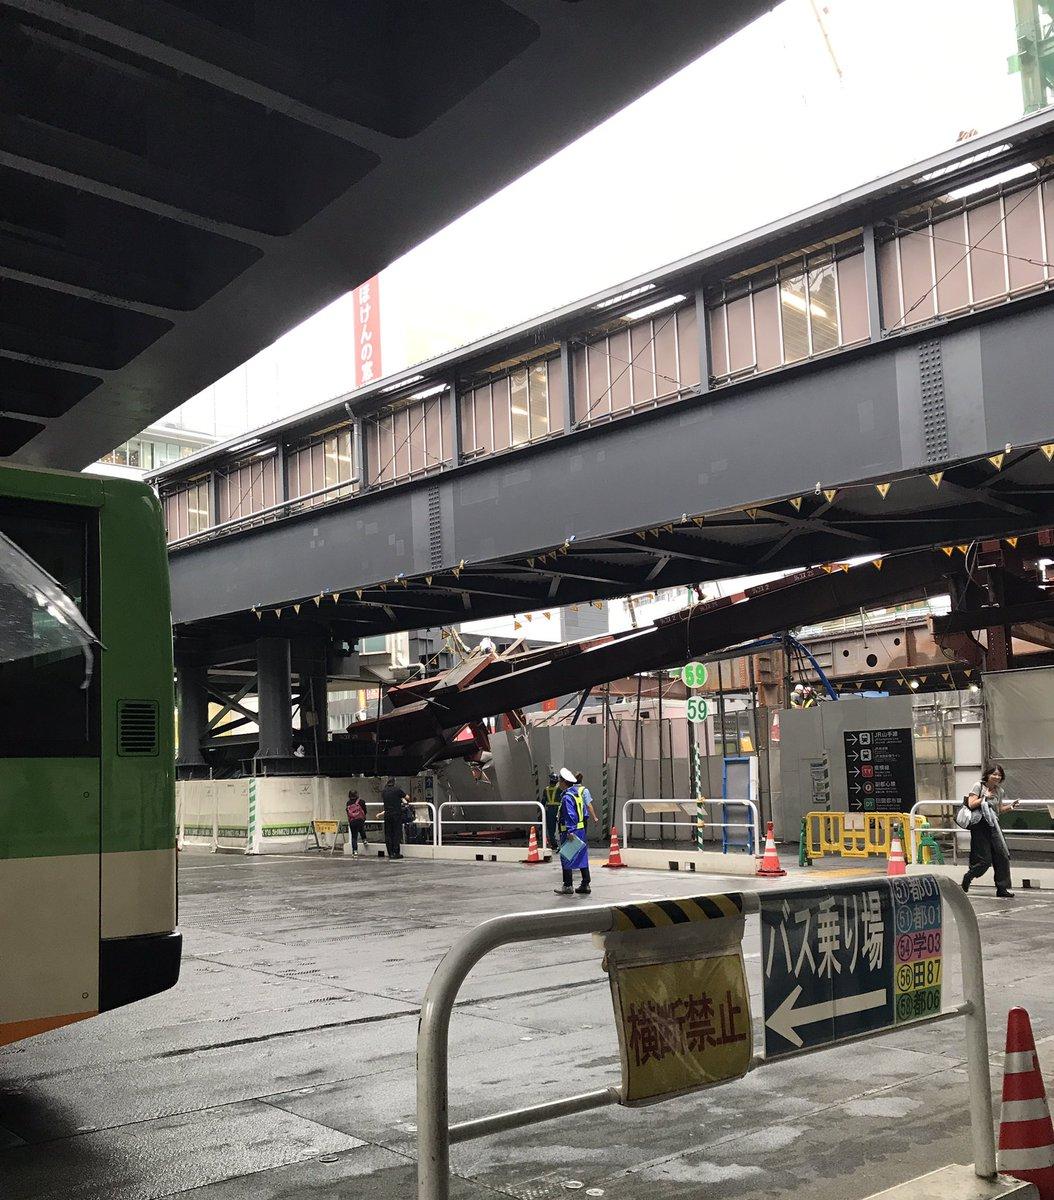 渋谷駅で工事中の鉄の塊落ちてきた😱30秒遅かったら下敷きだったな、、下いた人大丈夫だったかな😰